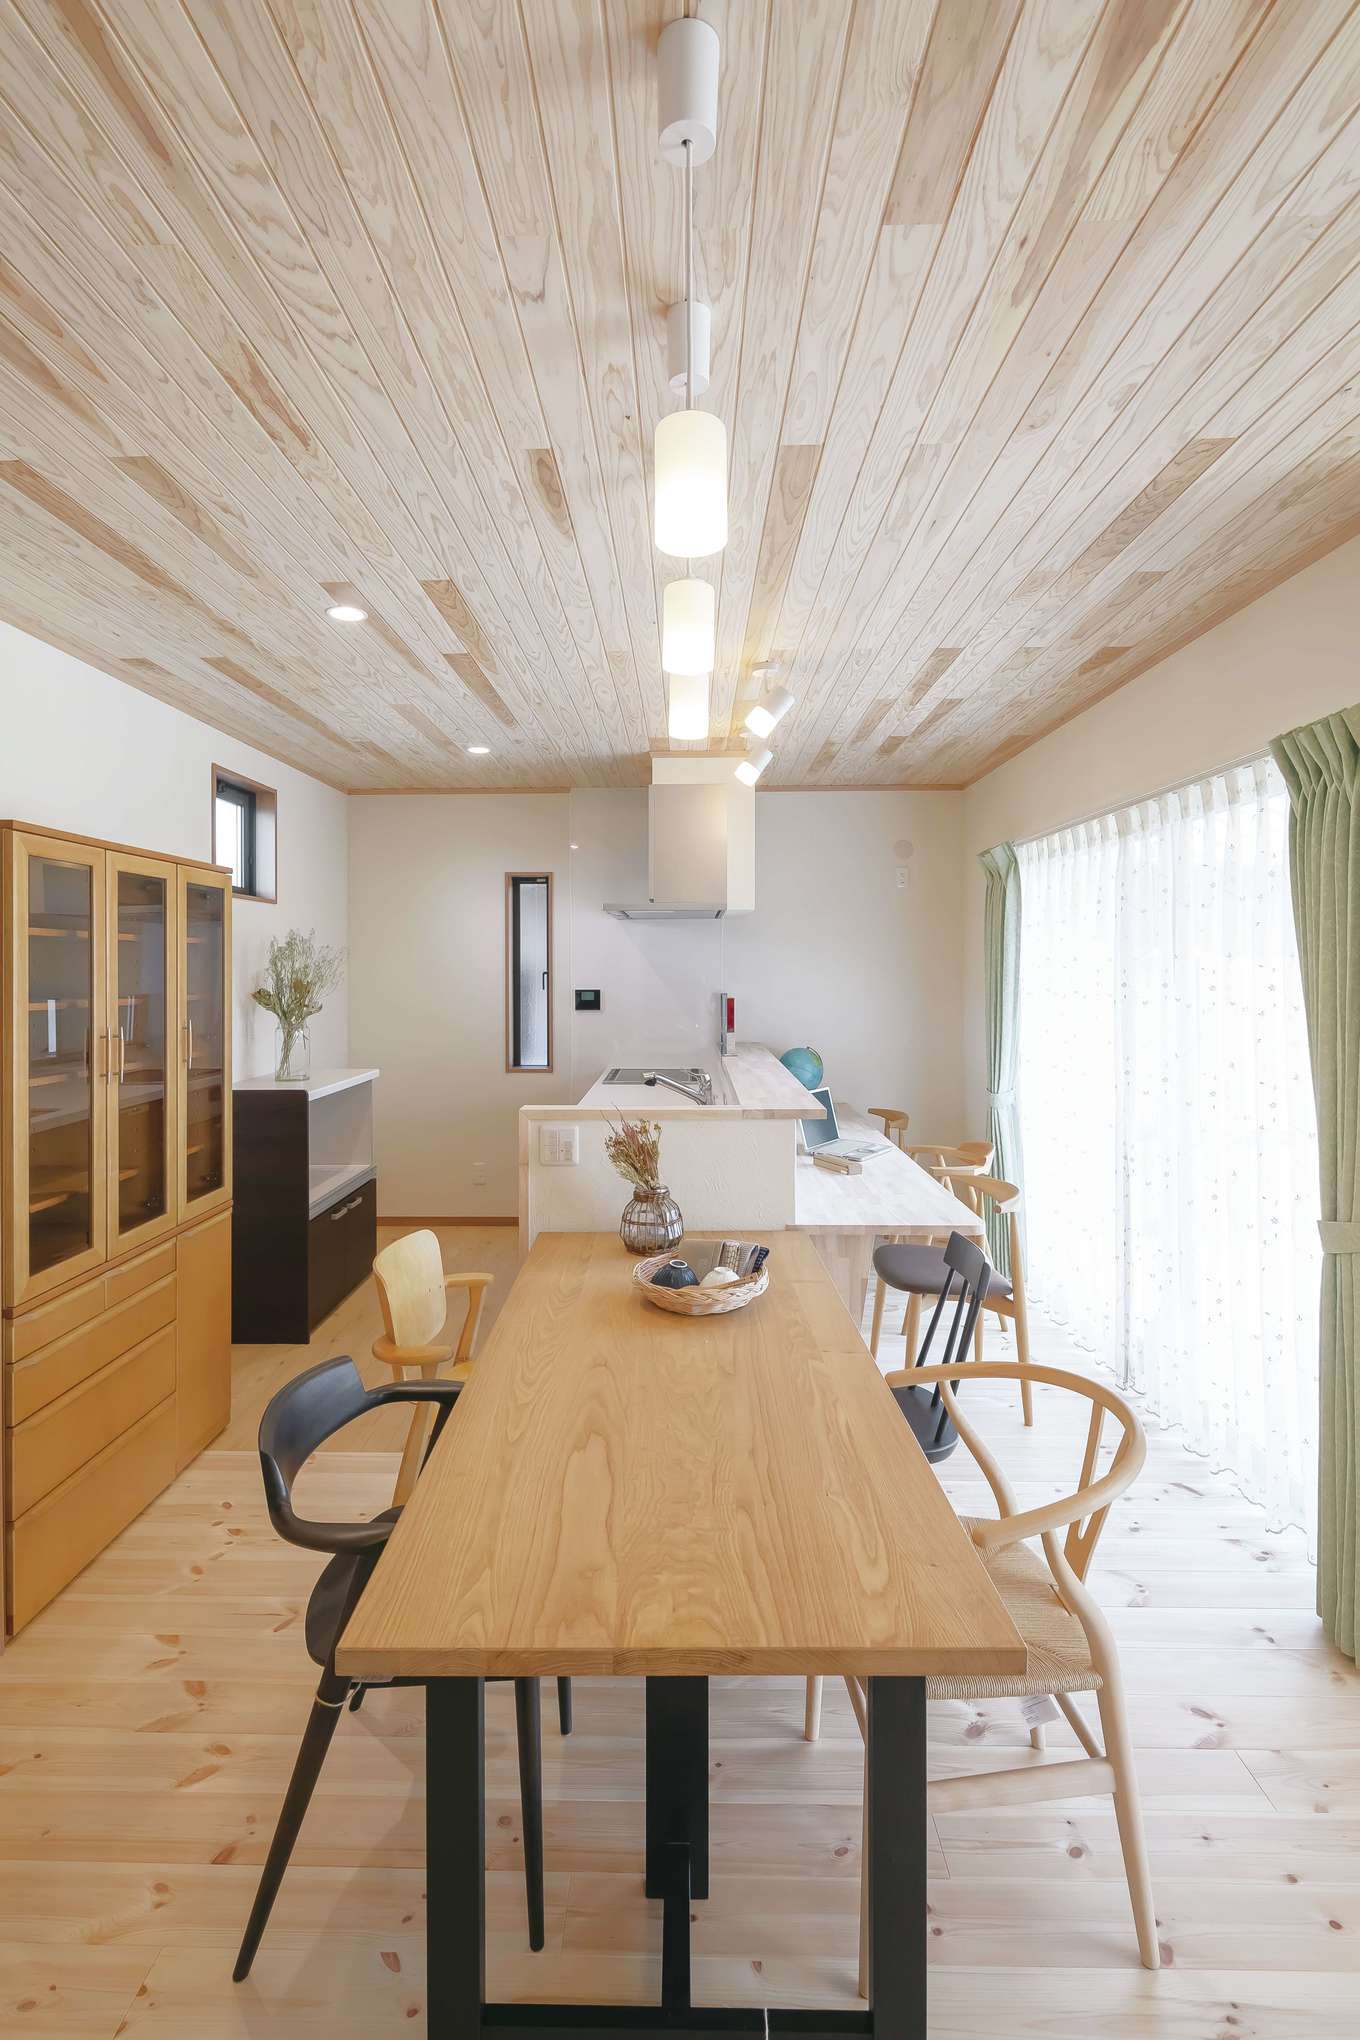 住まいるコーポレーション【デザイン住宅、和風、自然素材】カウンター付きのオープンキッチンはダイニングテーブルと一列に配置。キッチンからカウンターやテーブルに手が届くので、配膳や片付けがラクにできる